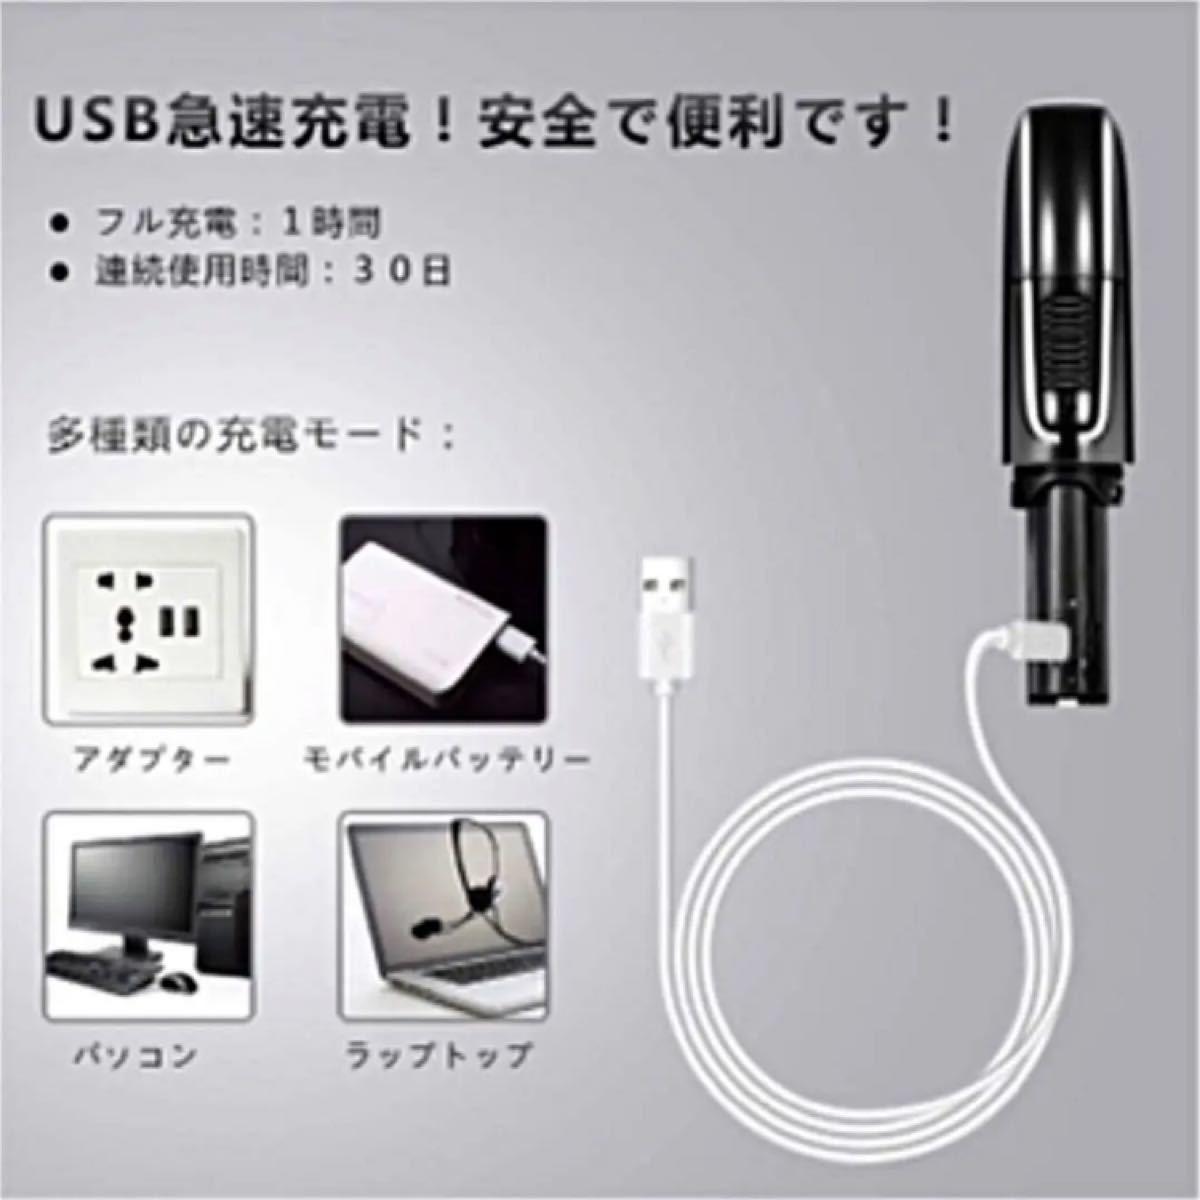 1台4役多機能 防水 メンズエチケットカッターUSB充電式